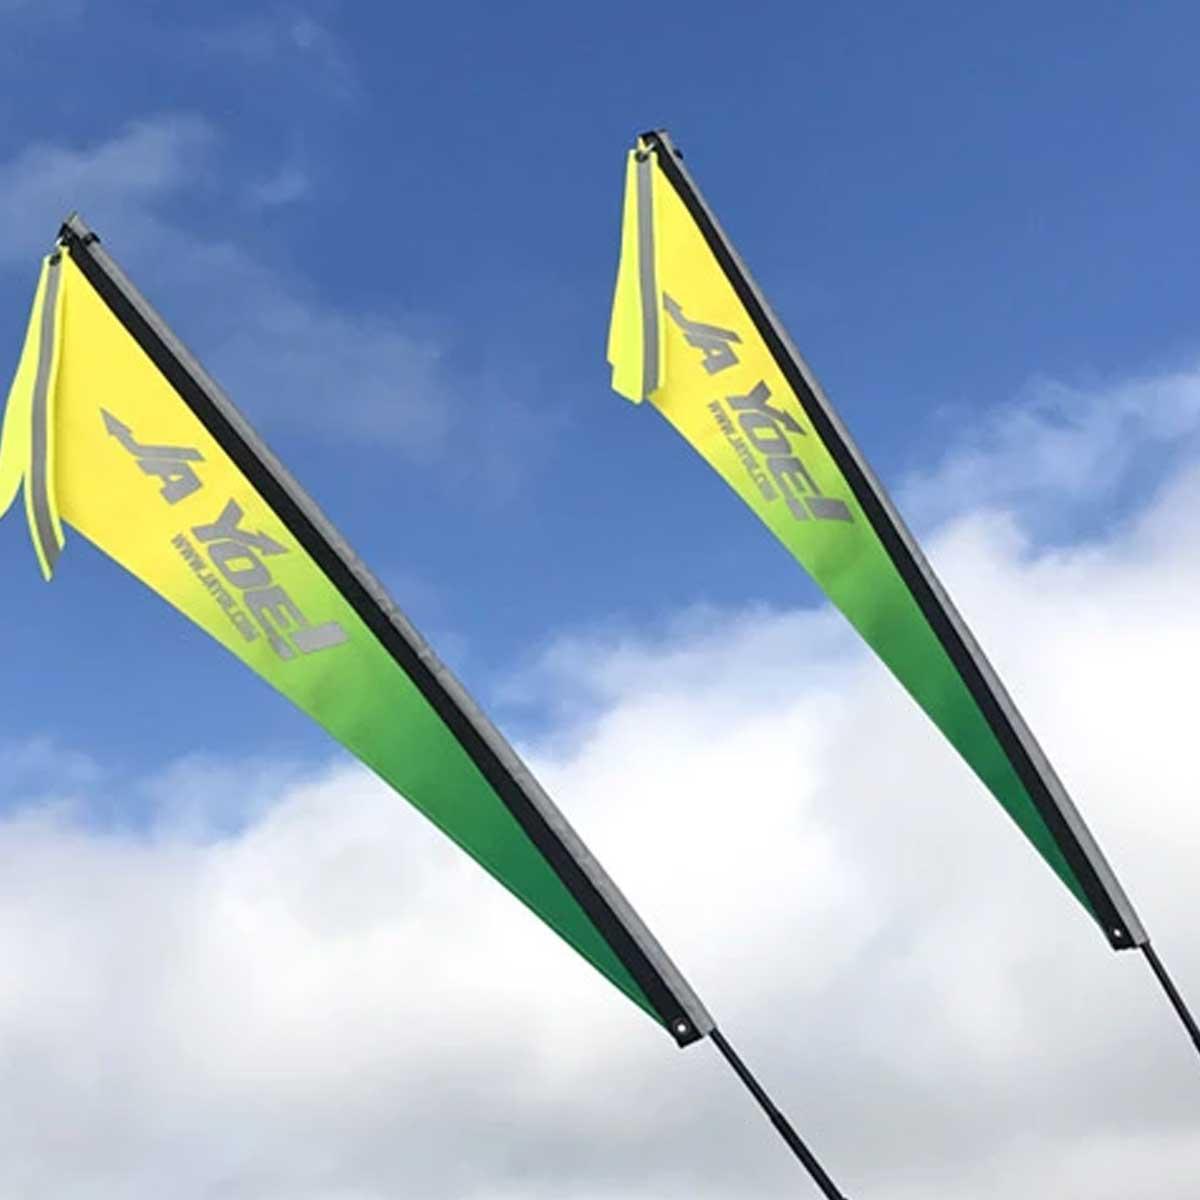 SIDE MOUNT SAFETY FLAG SAFETY FLAG 2 PIECE FIBER POLE